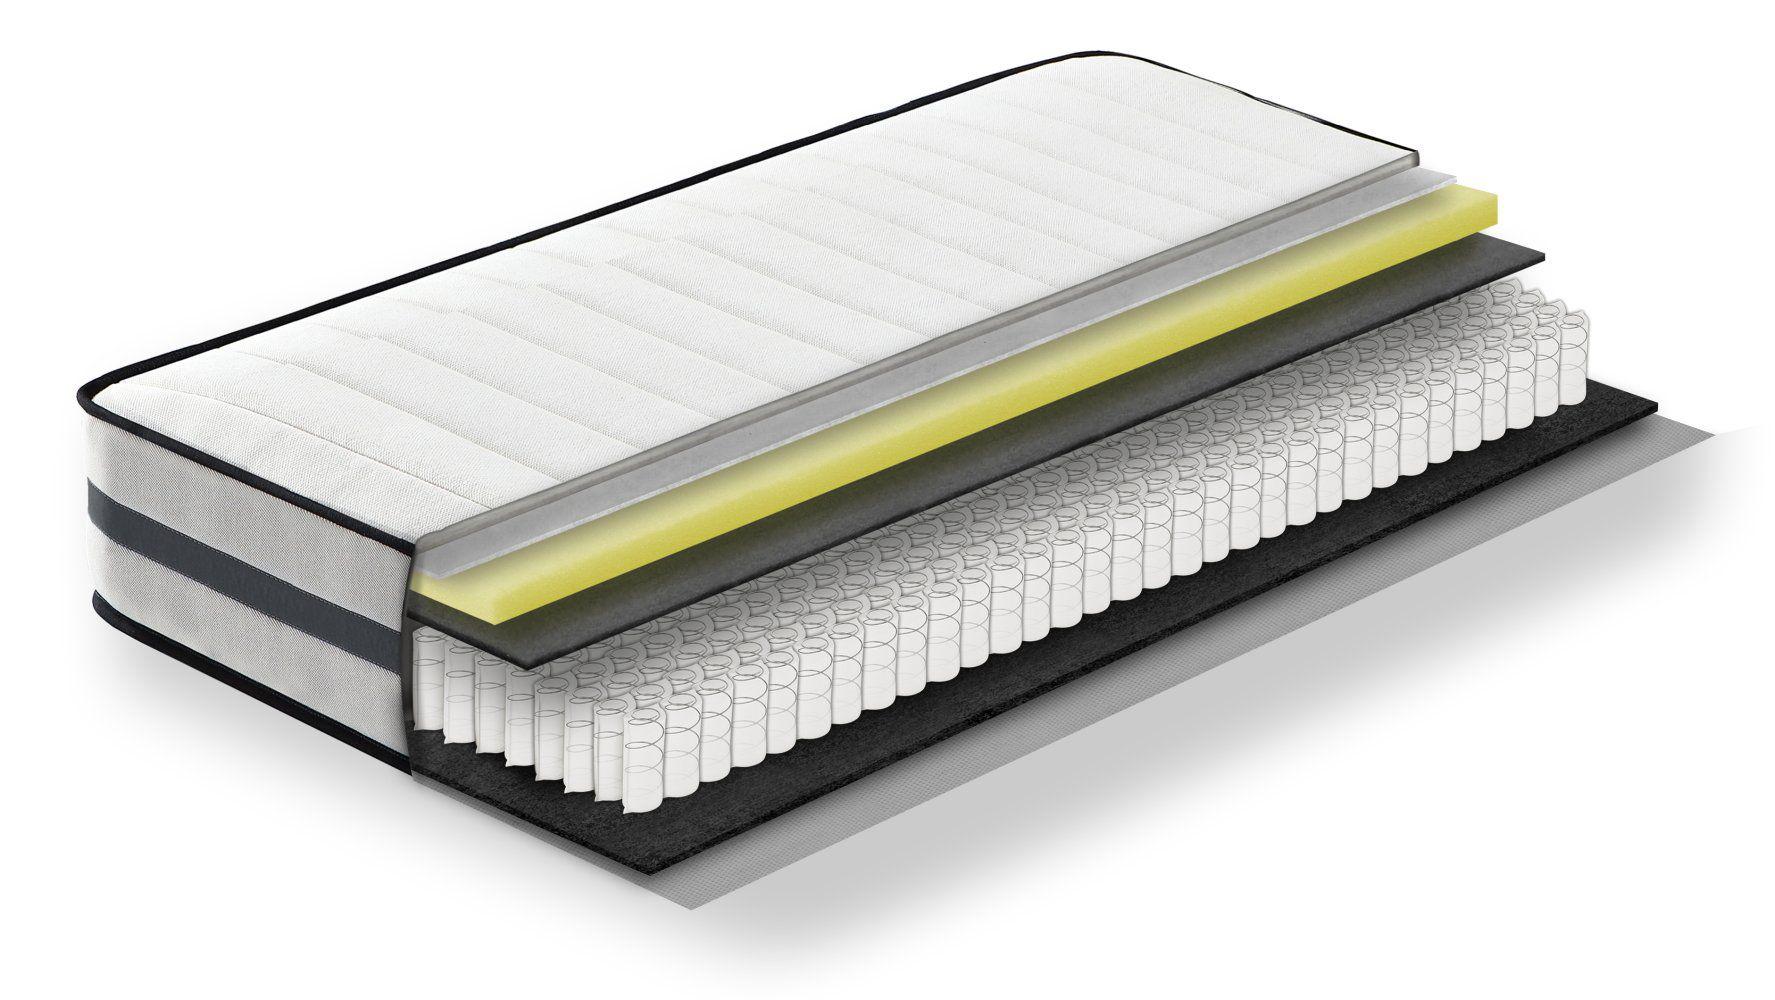 Steiner Premium matras Fantasy met pocketveren kern - afmeting: 140 x 200 cm, hardheidsgraad H2-H3, hoogte: 22,5 cm